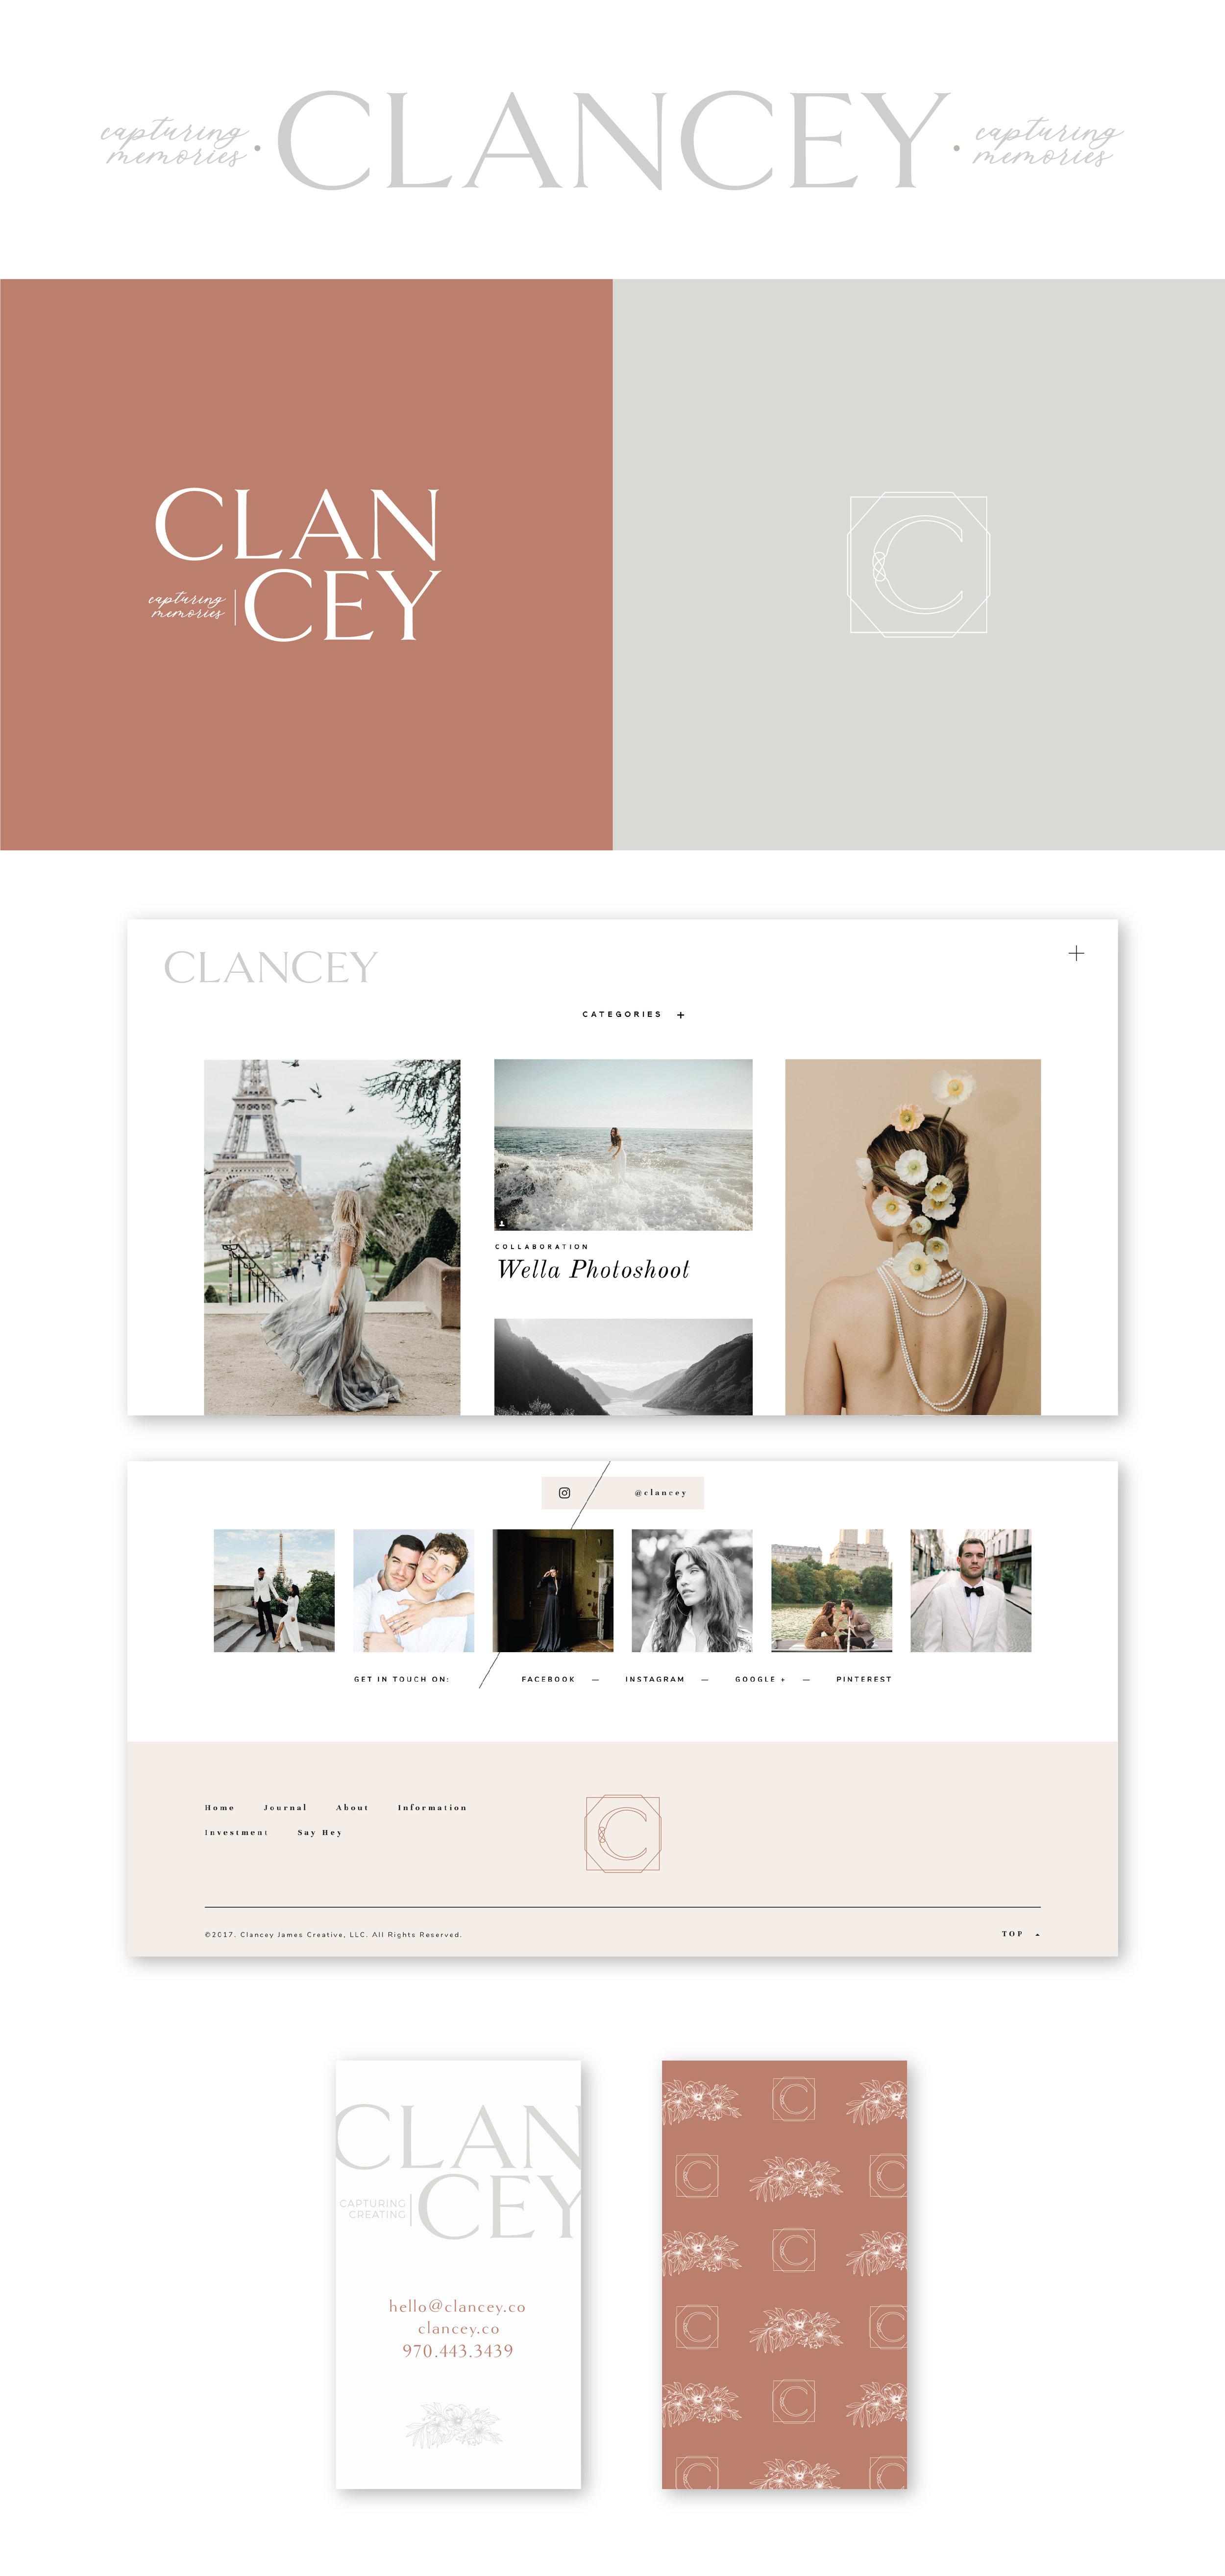 Clancey_concepts-01.jpg